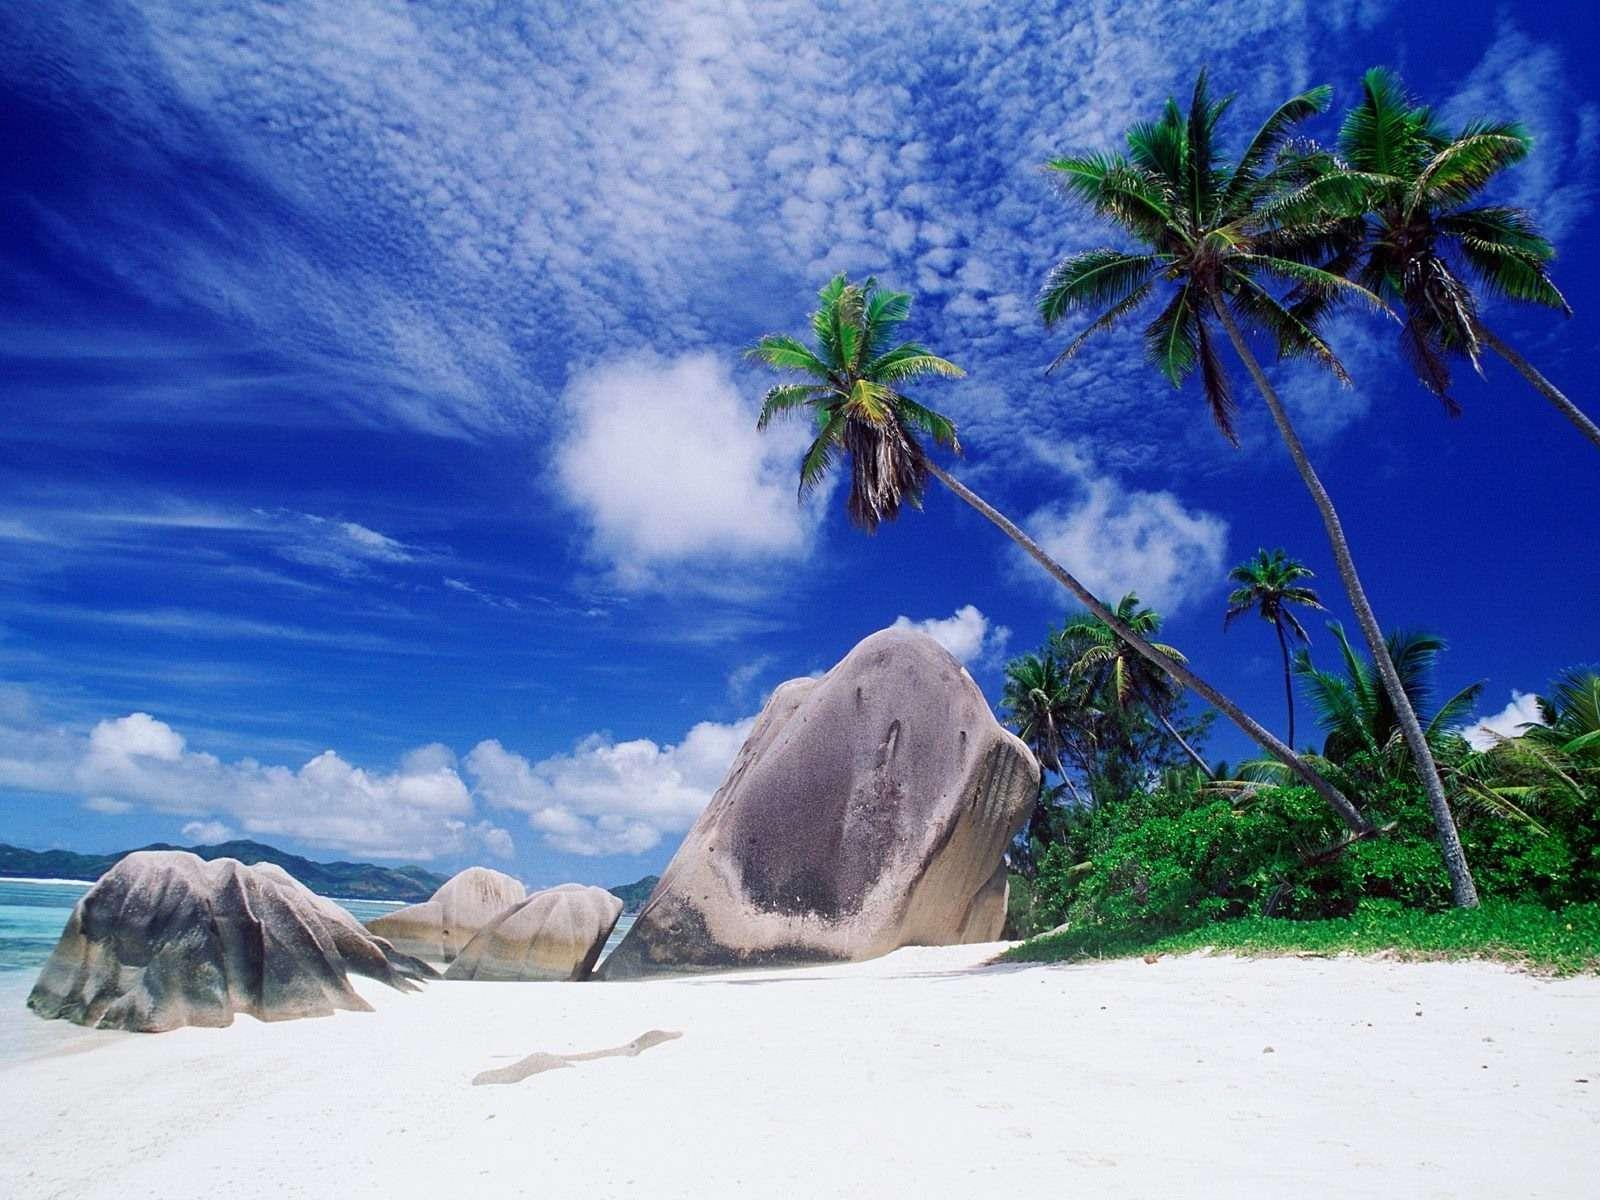 صورة اجمل صور للطبيعة , اجدد بوستات من المناظر الخلابه